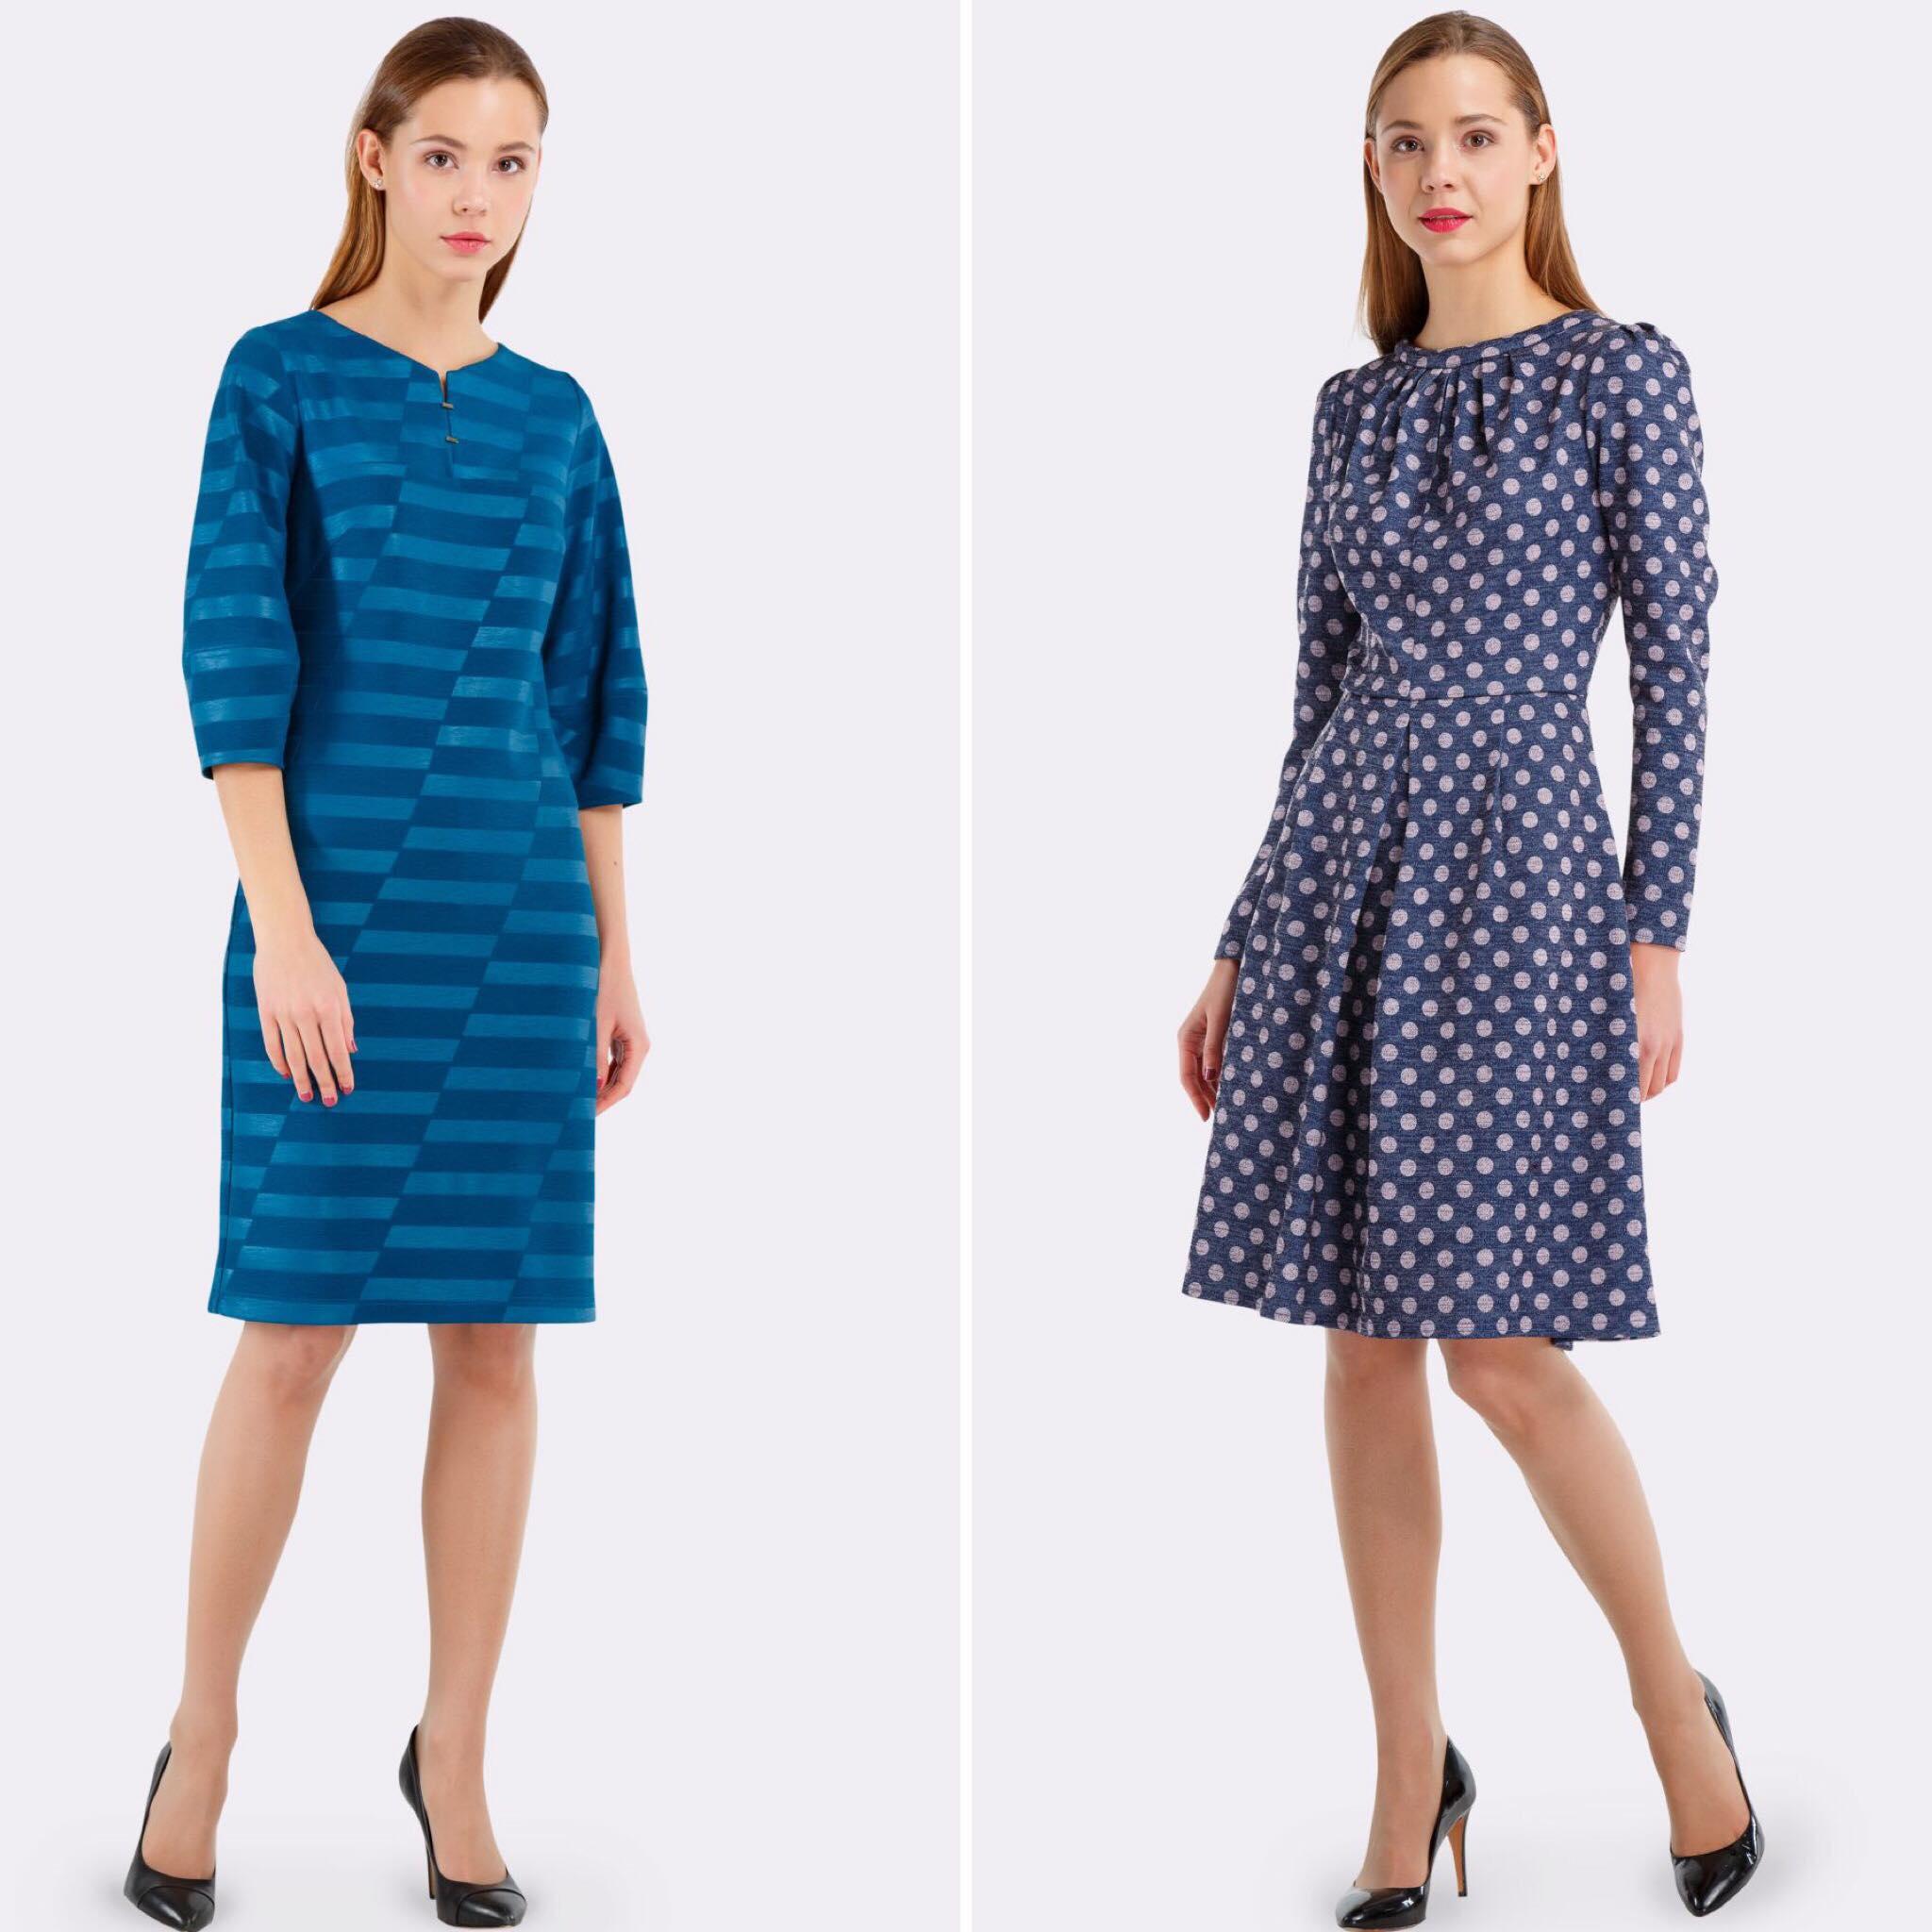 Якщо ви вдягнете ділову сукню на корпоратив і зумієте правильно підібрати  образ e17fe06795f41